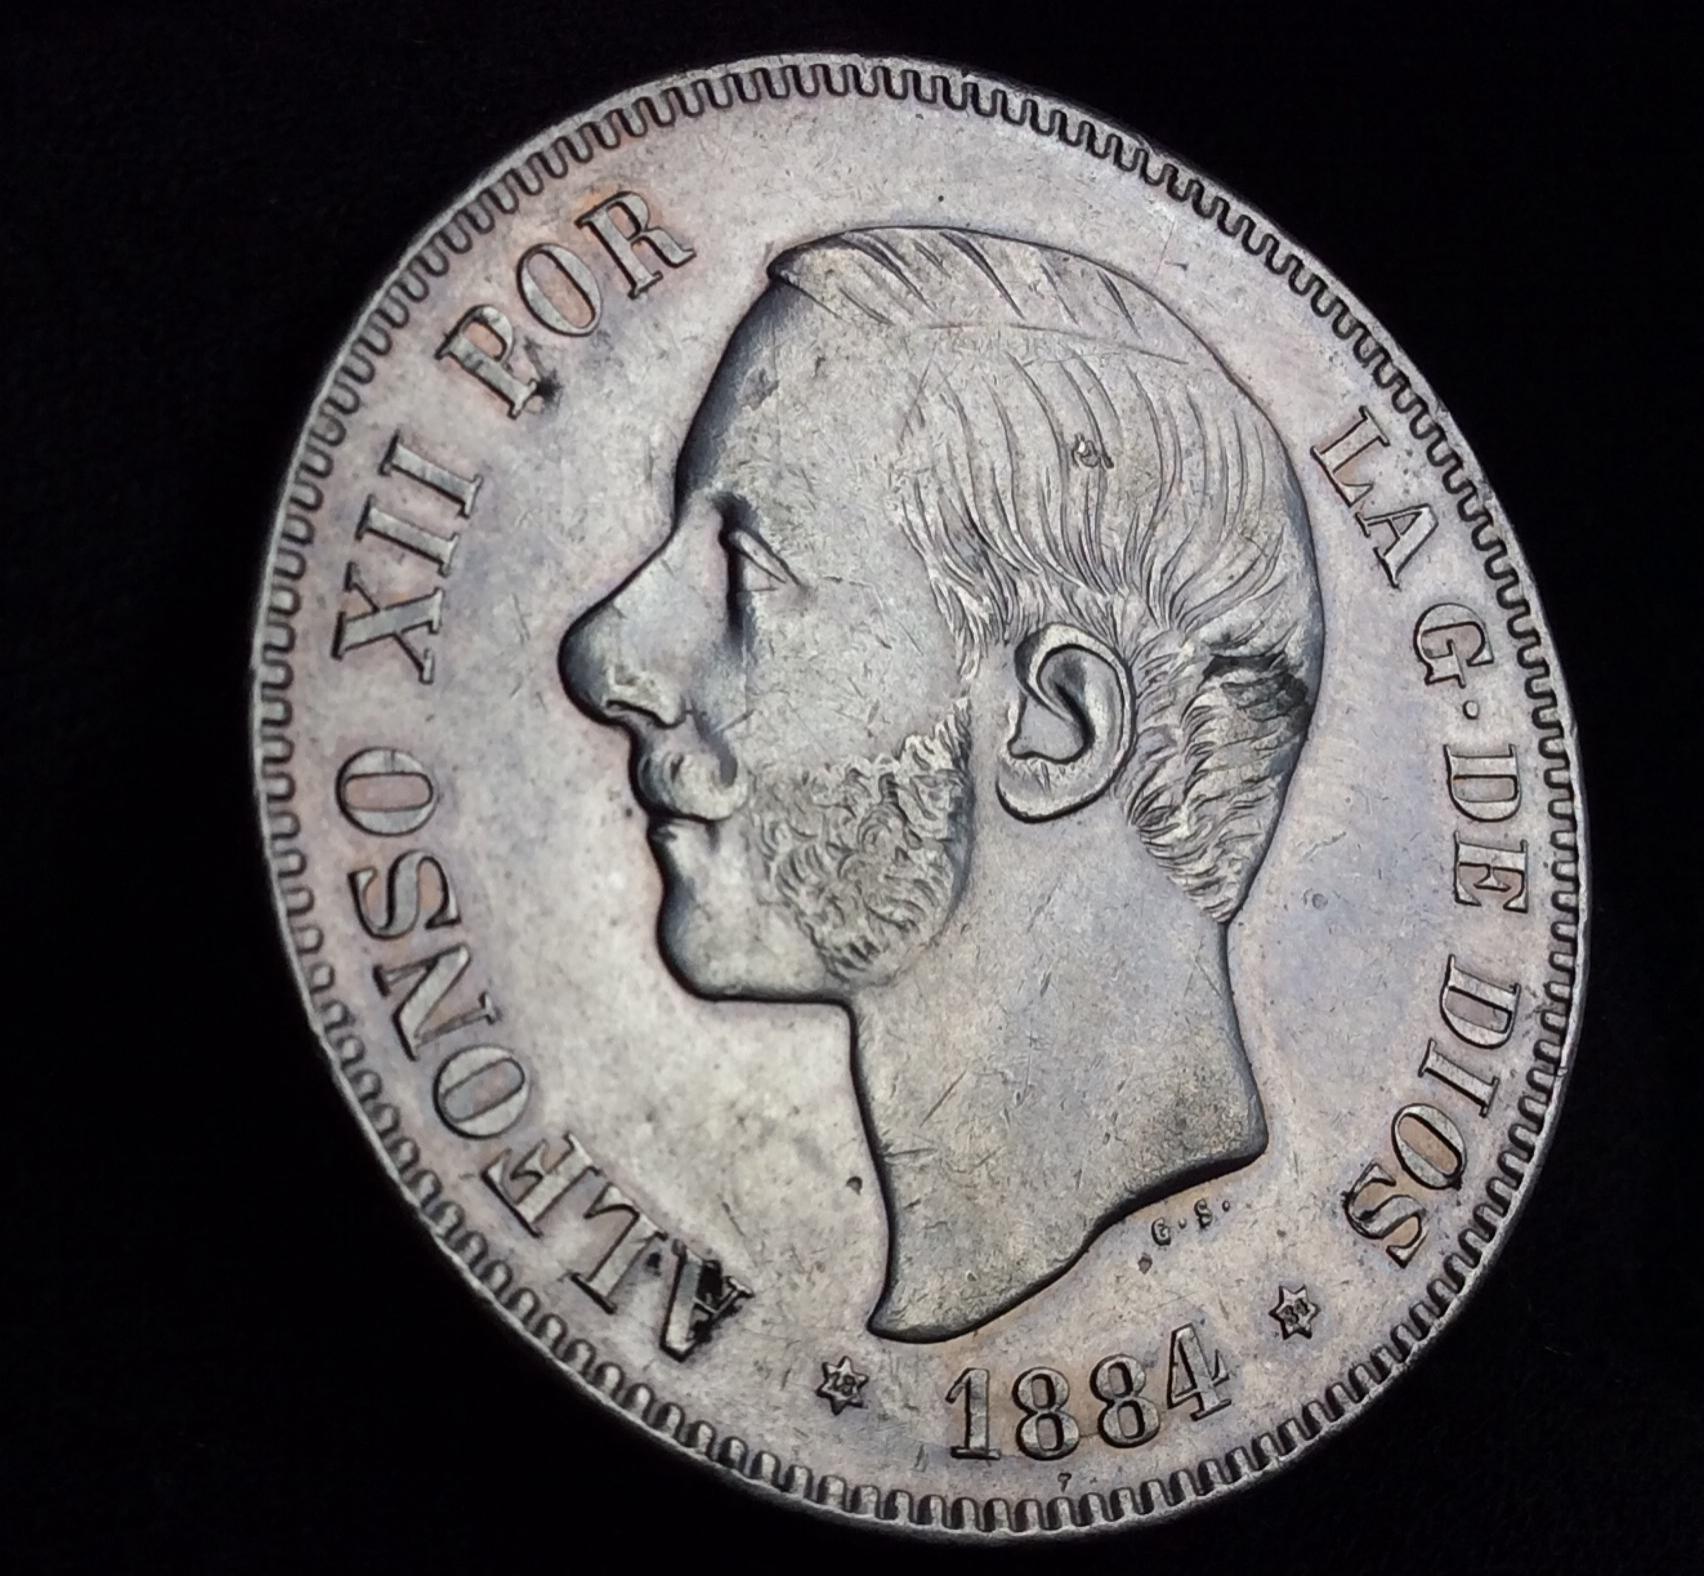 PRECIOSAS   5 PESETAS PLATA 1884 - ALFONSO XII